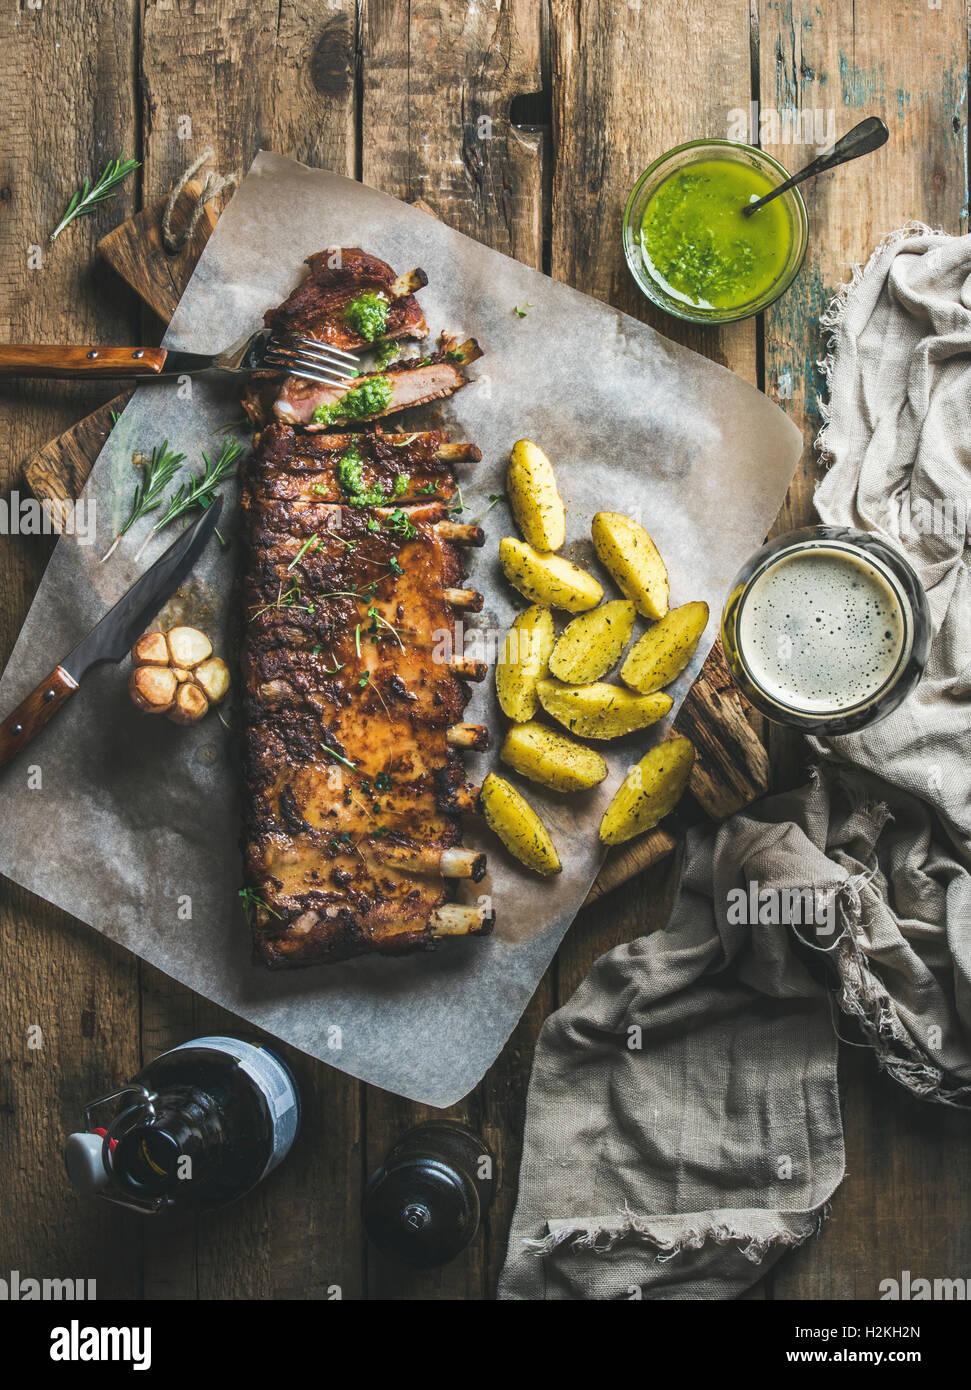 Arrosto di costolette di maiale con aglio, rosmarino, salsa alle erbe verdi, patate fritte e birra scura sul legno Immagini Stock